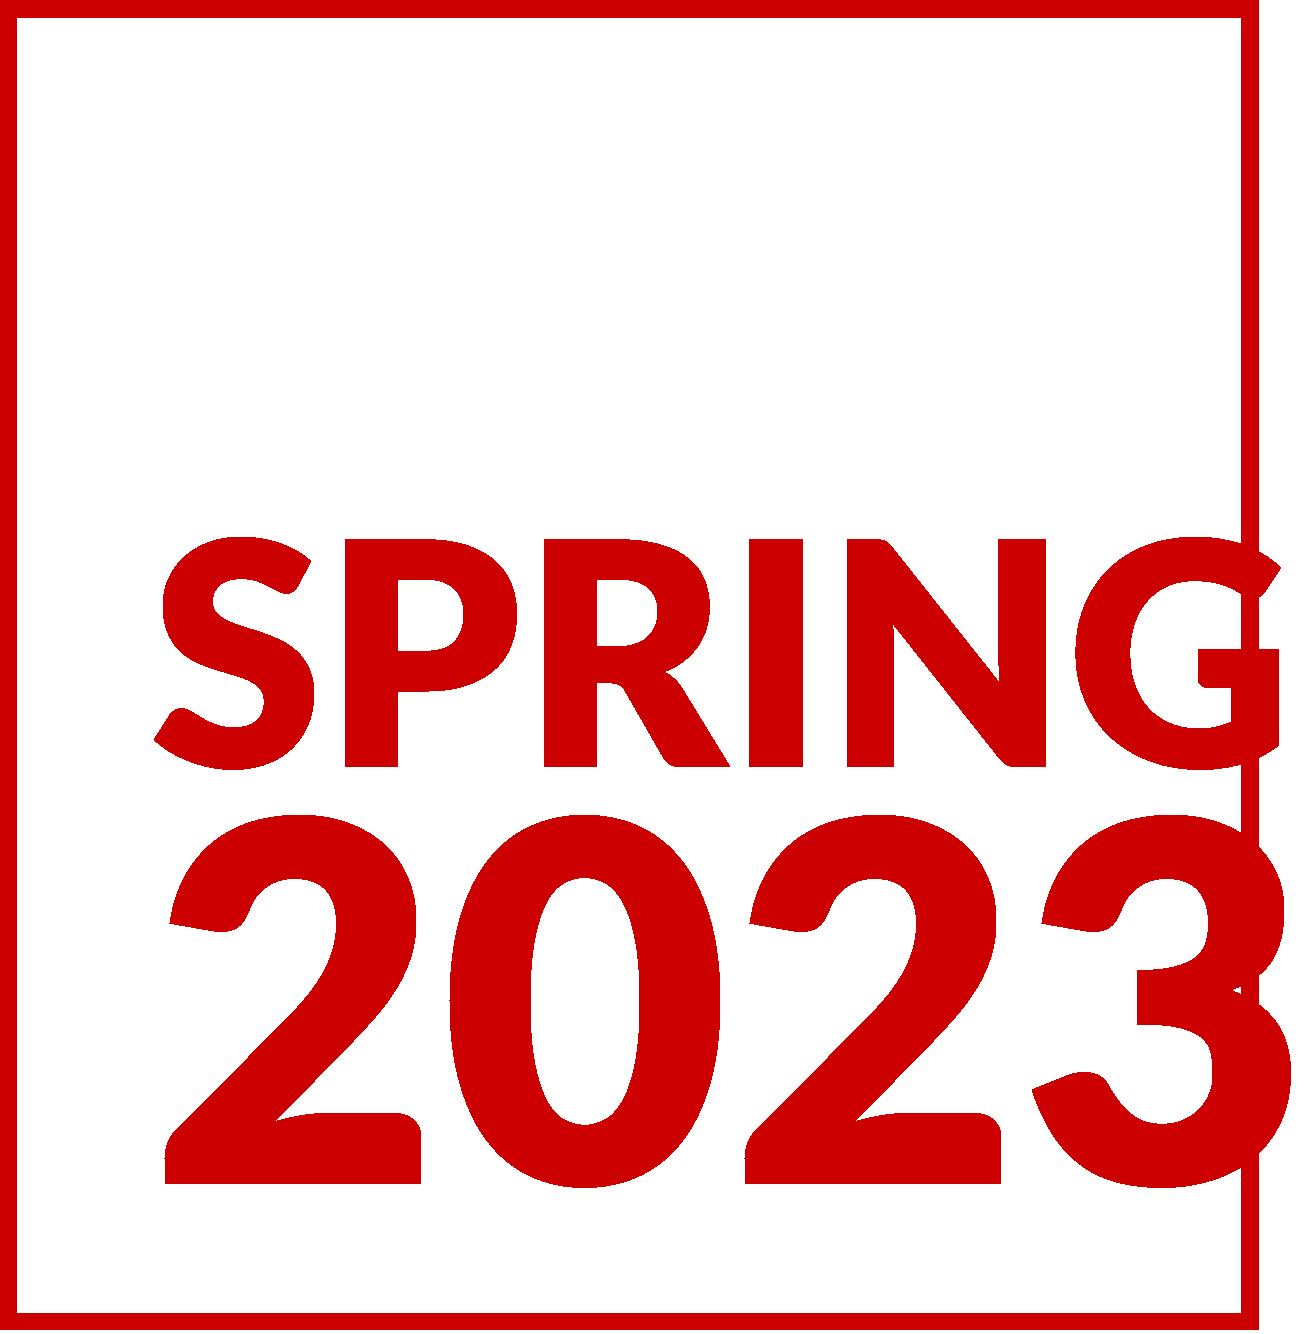 Spring 2023